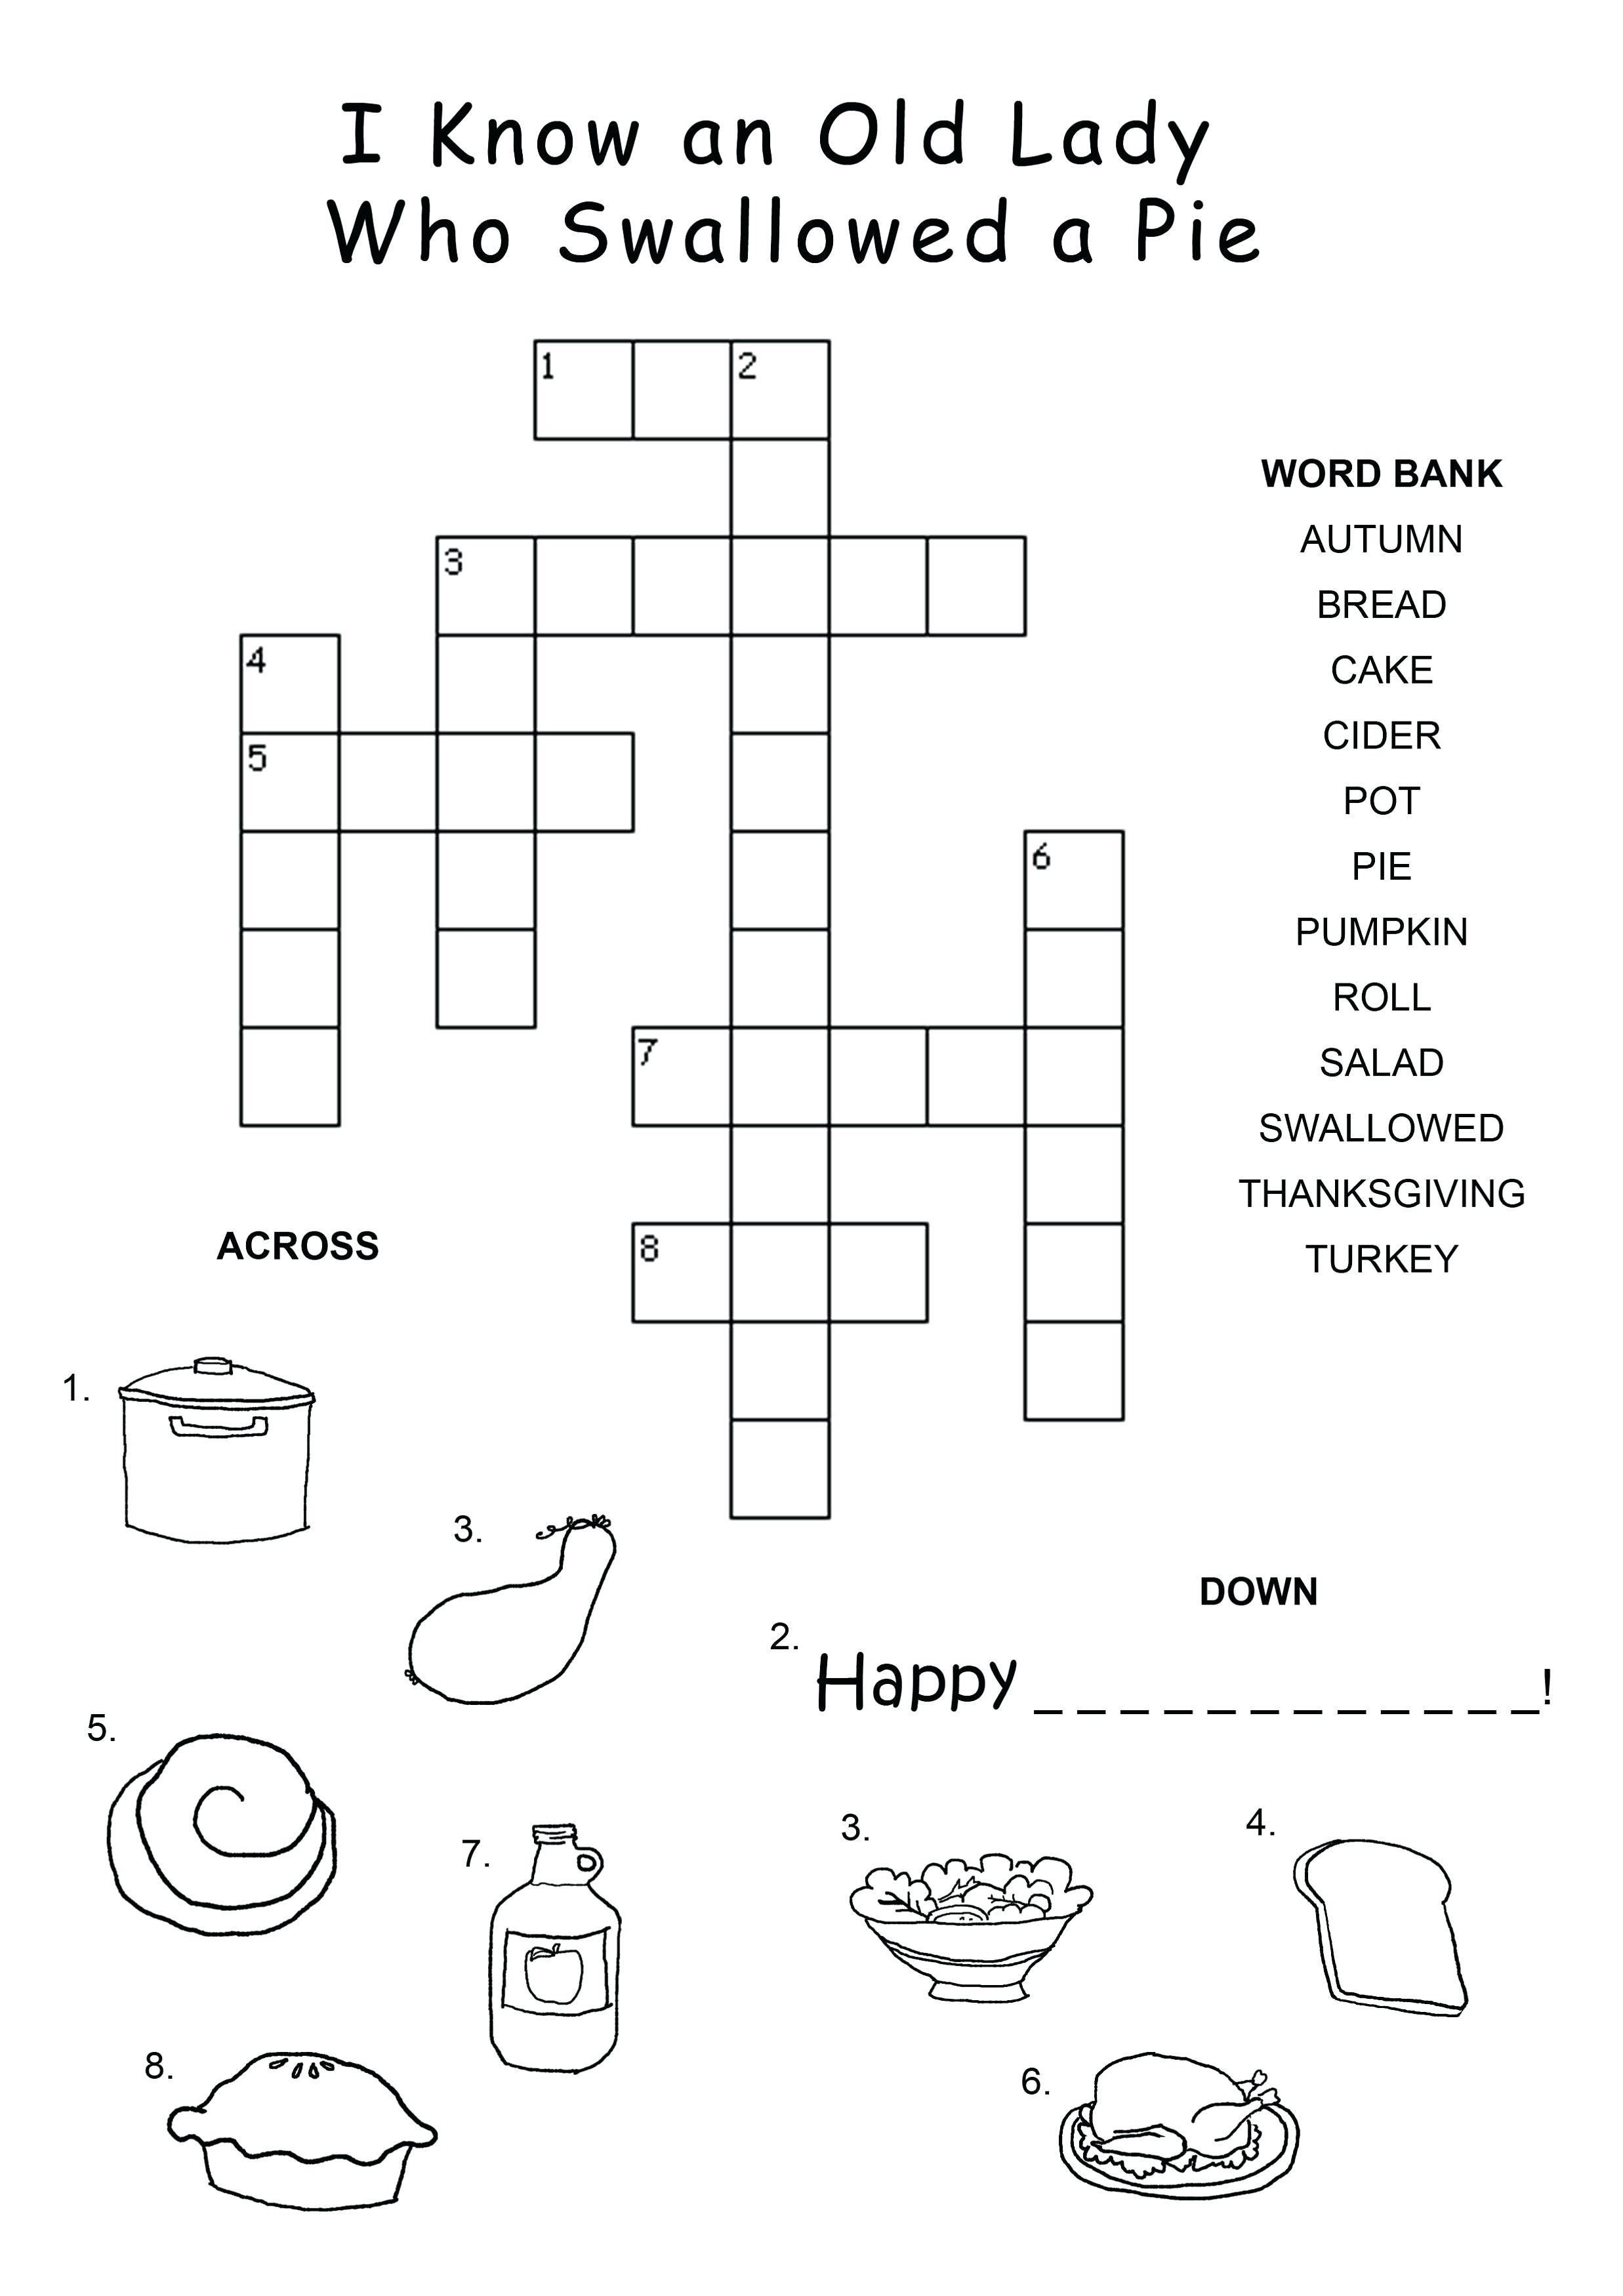 Easy Crossword Puzzles For Kids Kids Crossword Puzzles Easy - Printable Crossword Puzzles For Grade 7